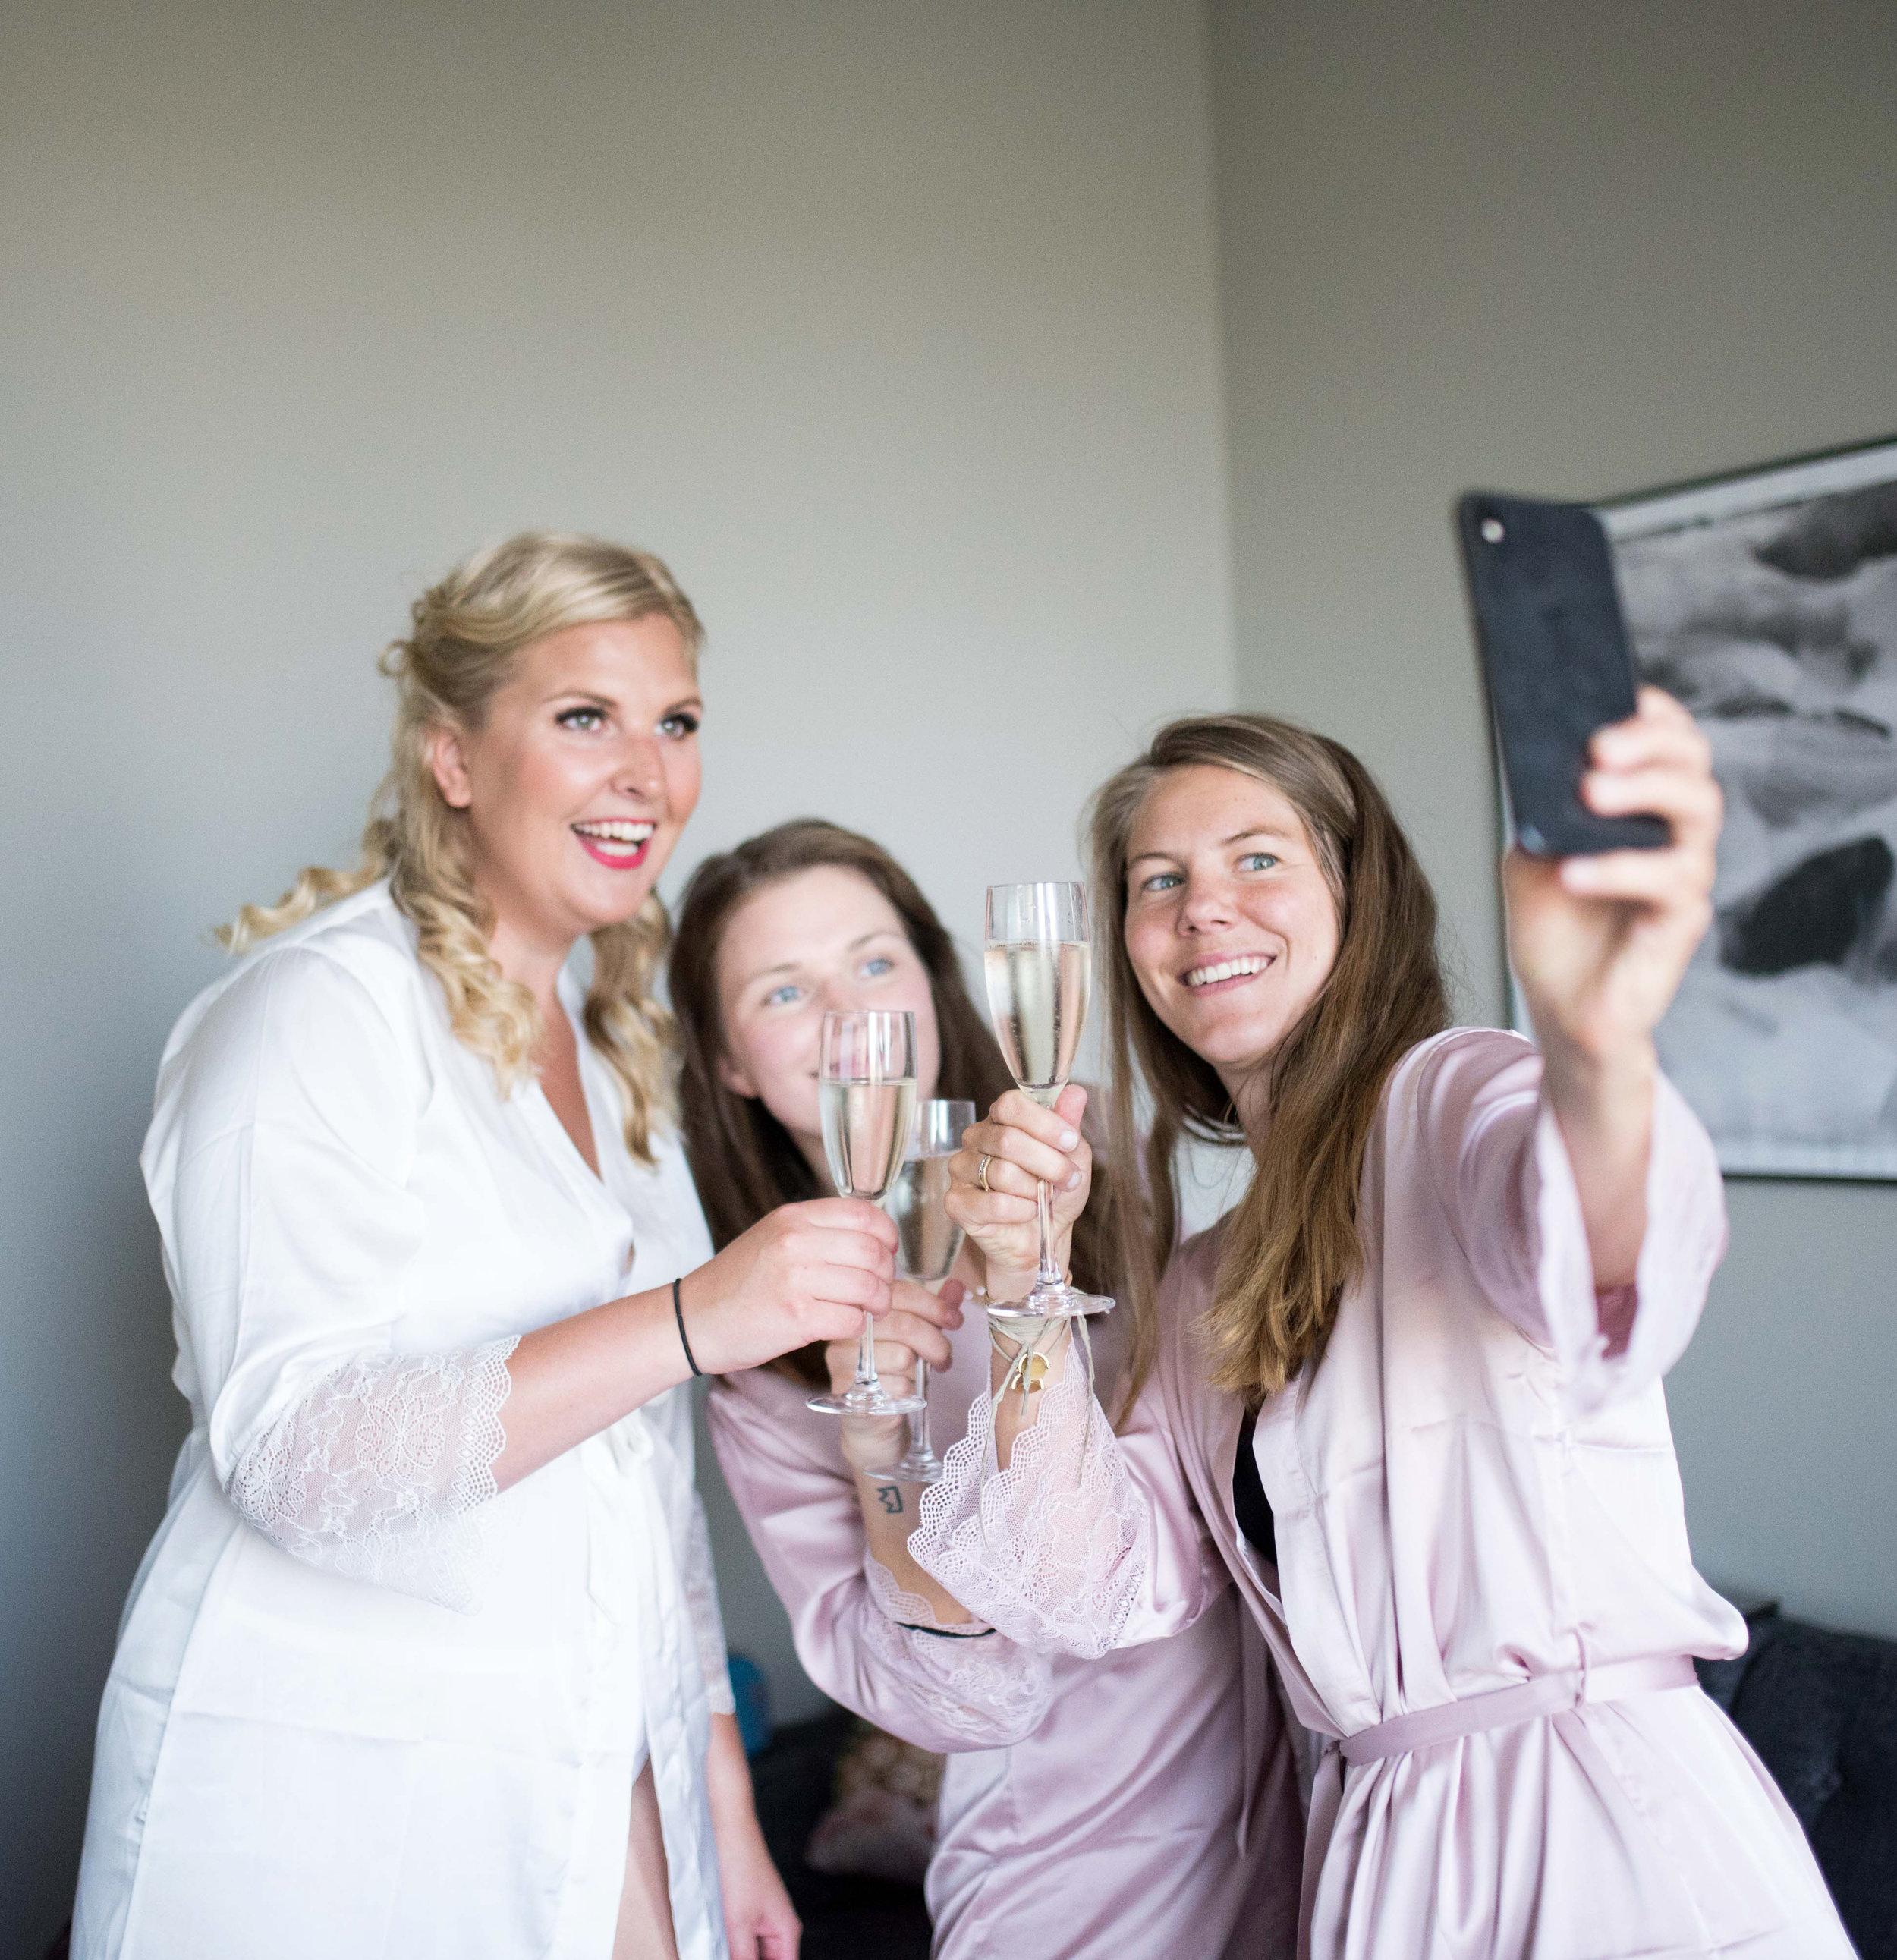 Bröllop2019lågkvall-4425.jpg